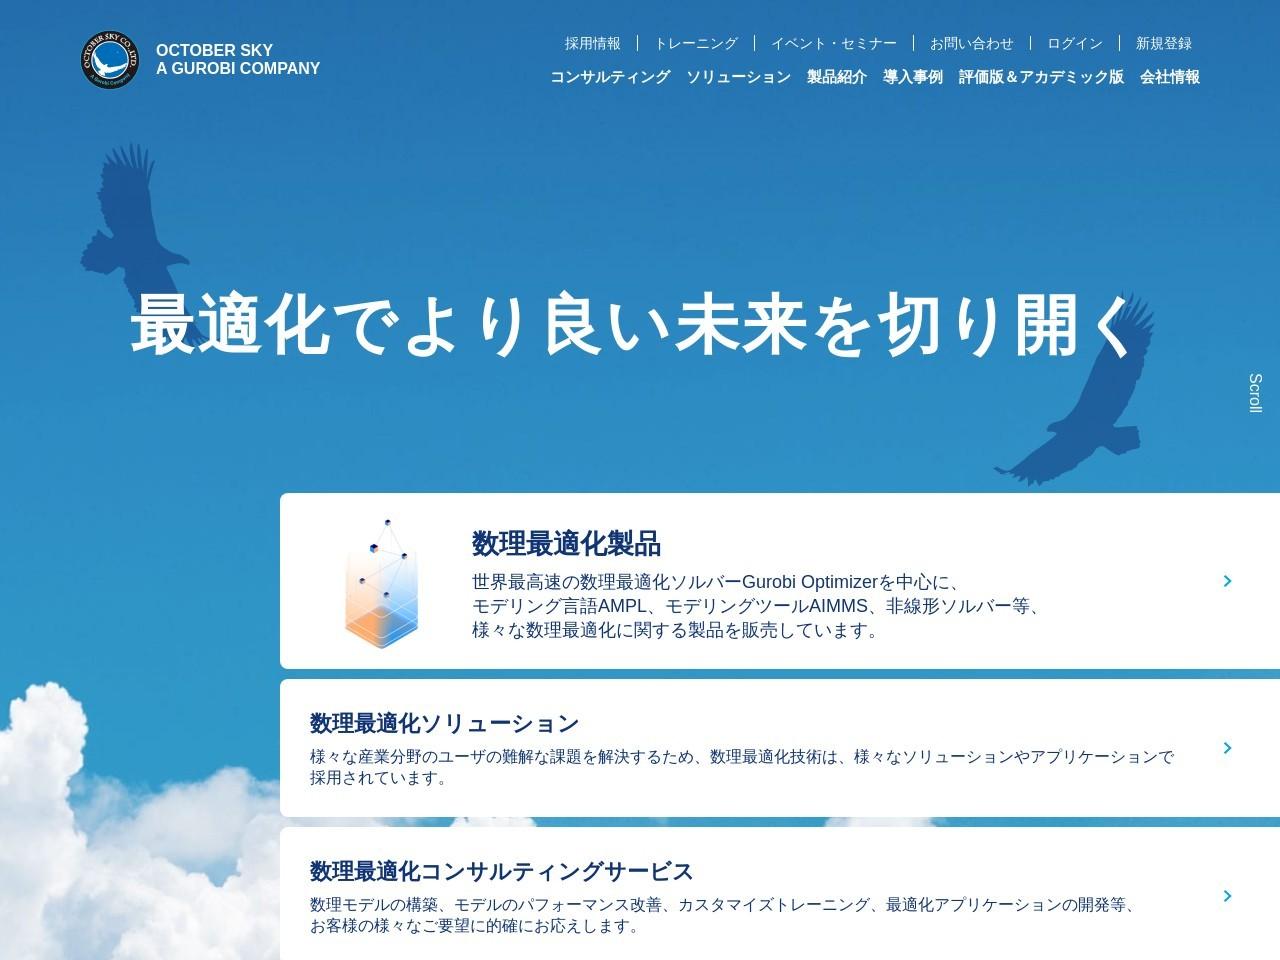 株式会社オクトーバー・スカイ